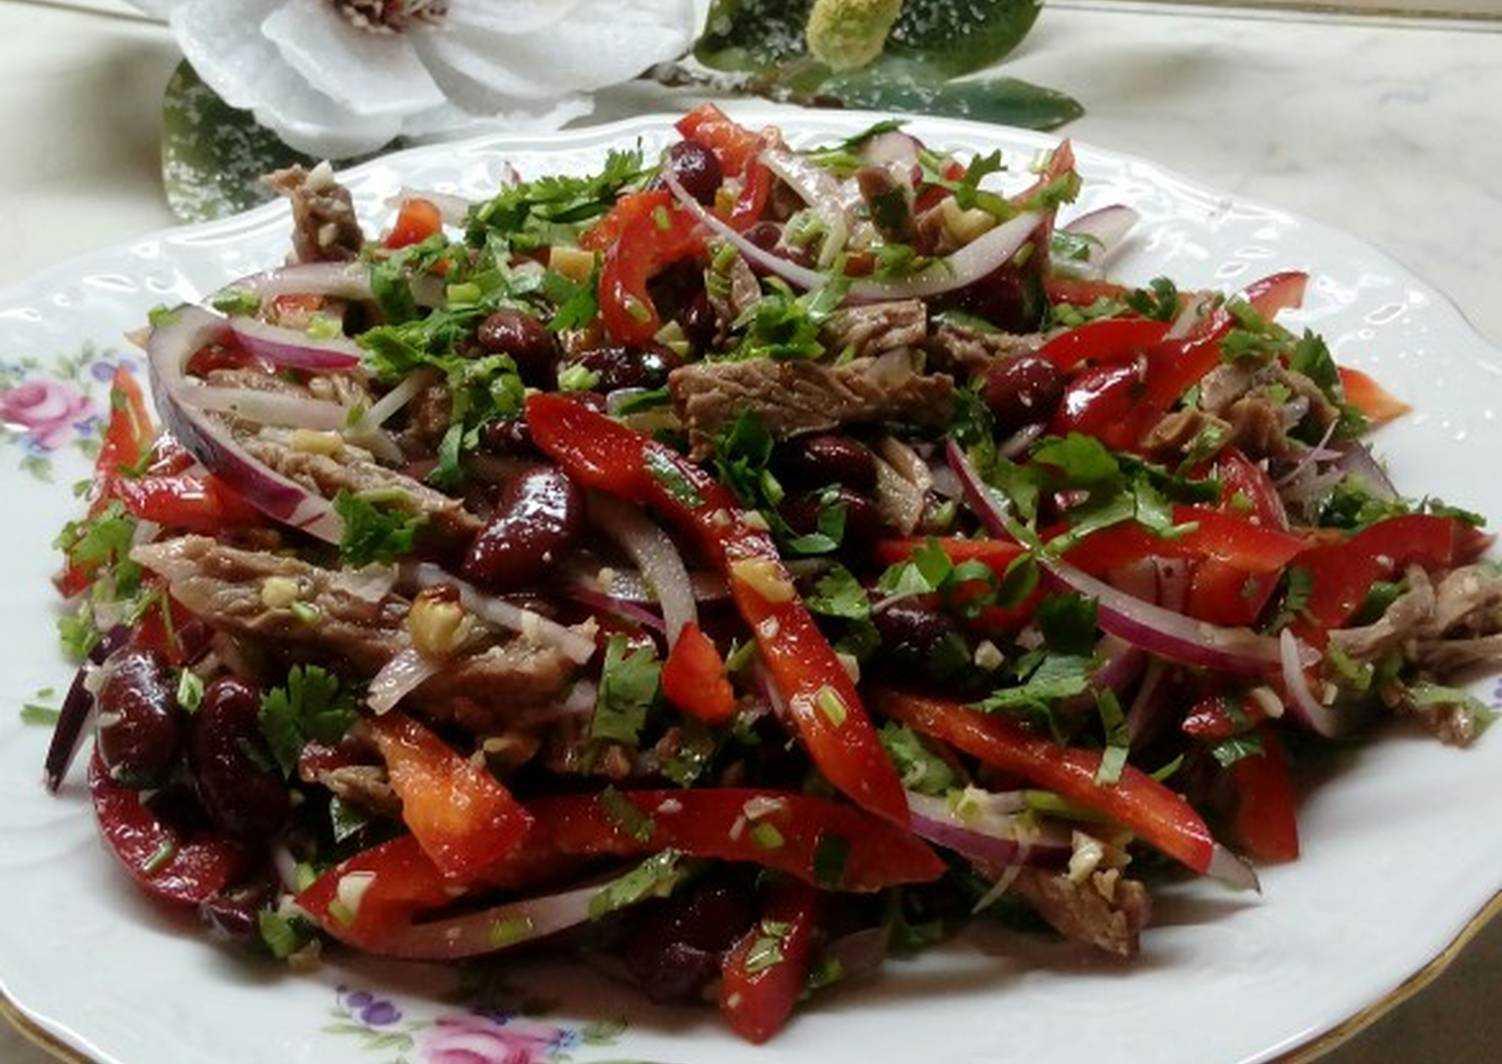 Салат тбилиси с гранатом рецепт с фото - 1000.menu